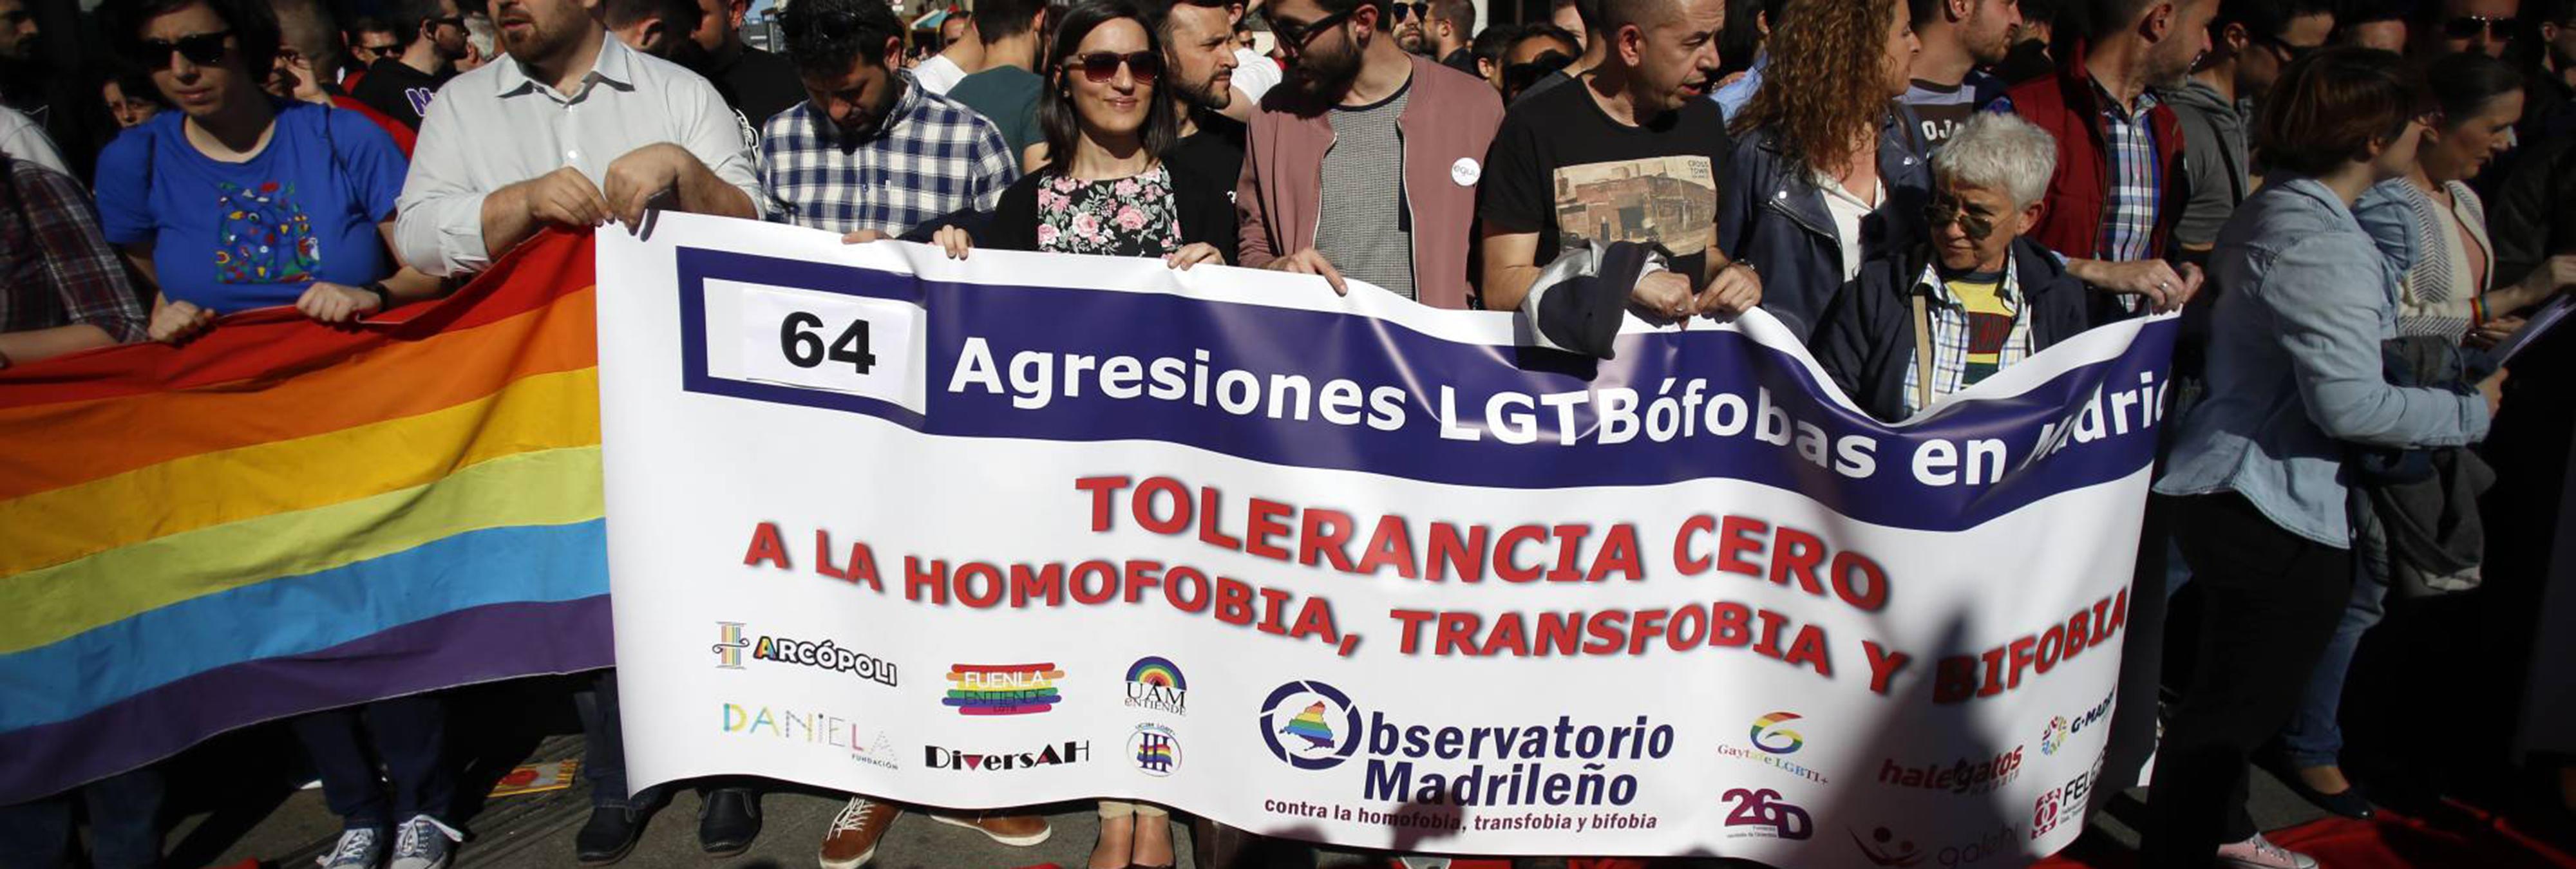 En 2016, el colectivo LGTB madrileño sufrió 239 agresiones